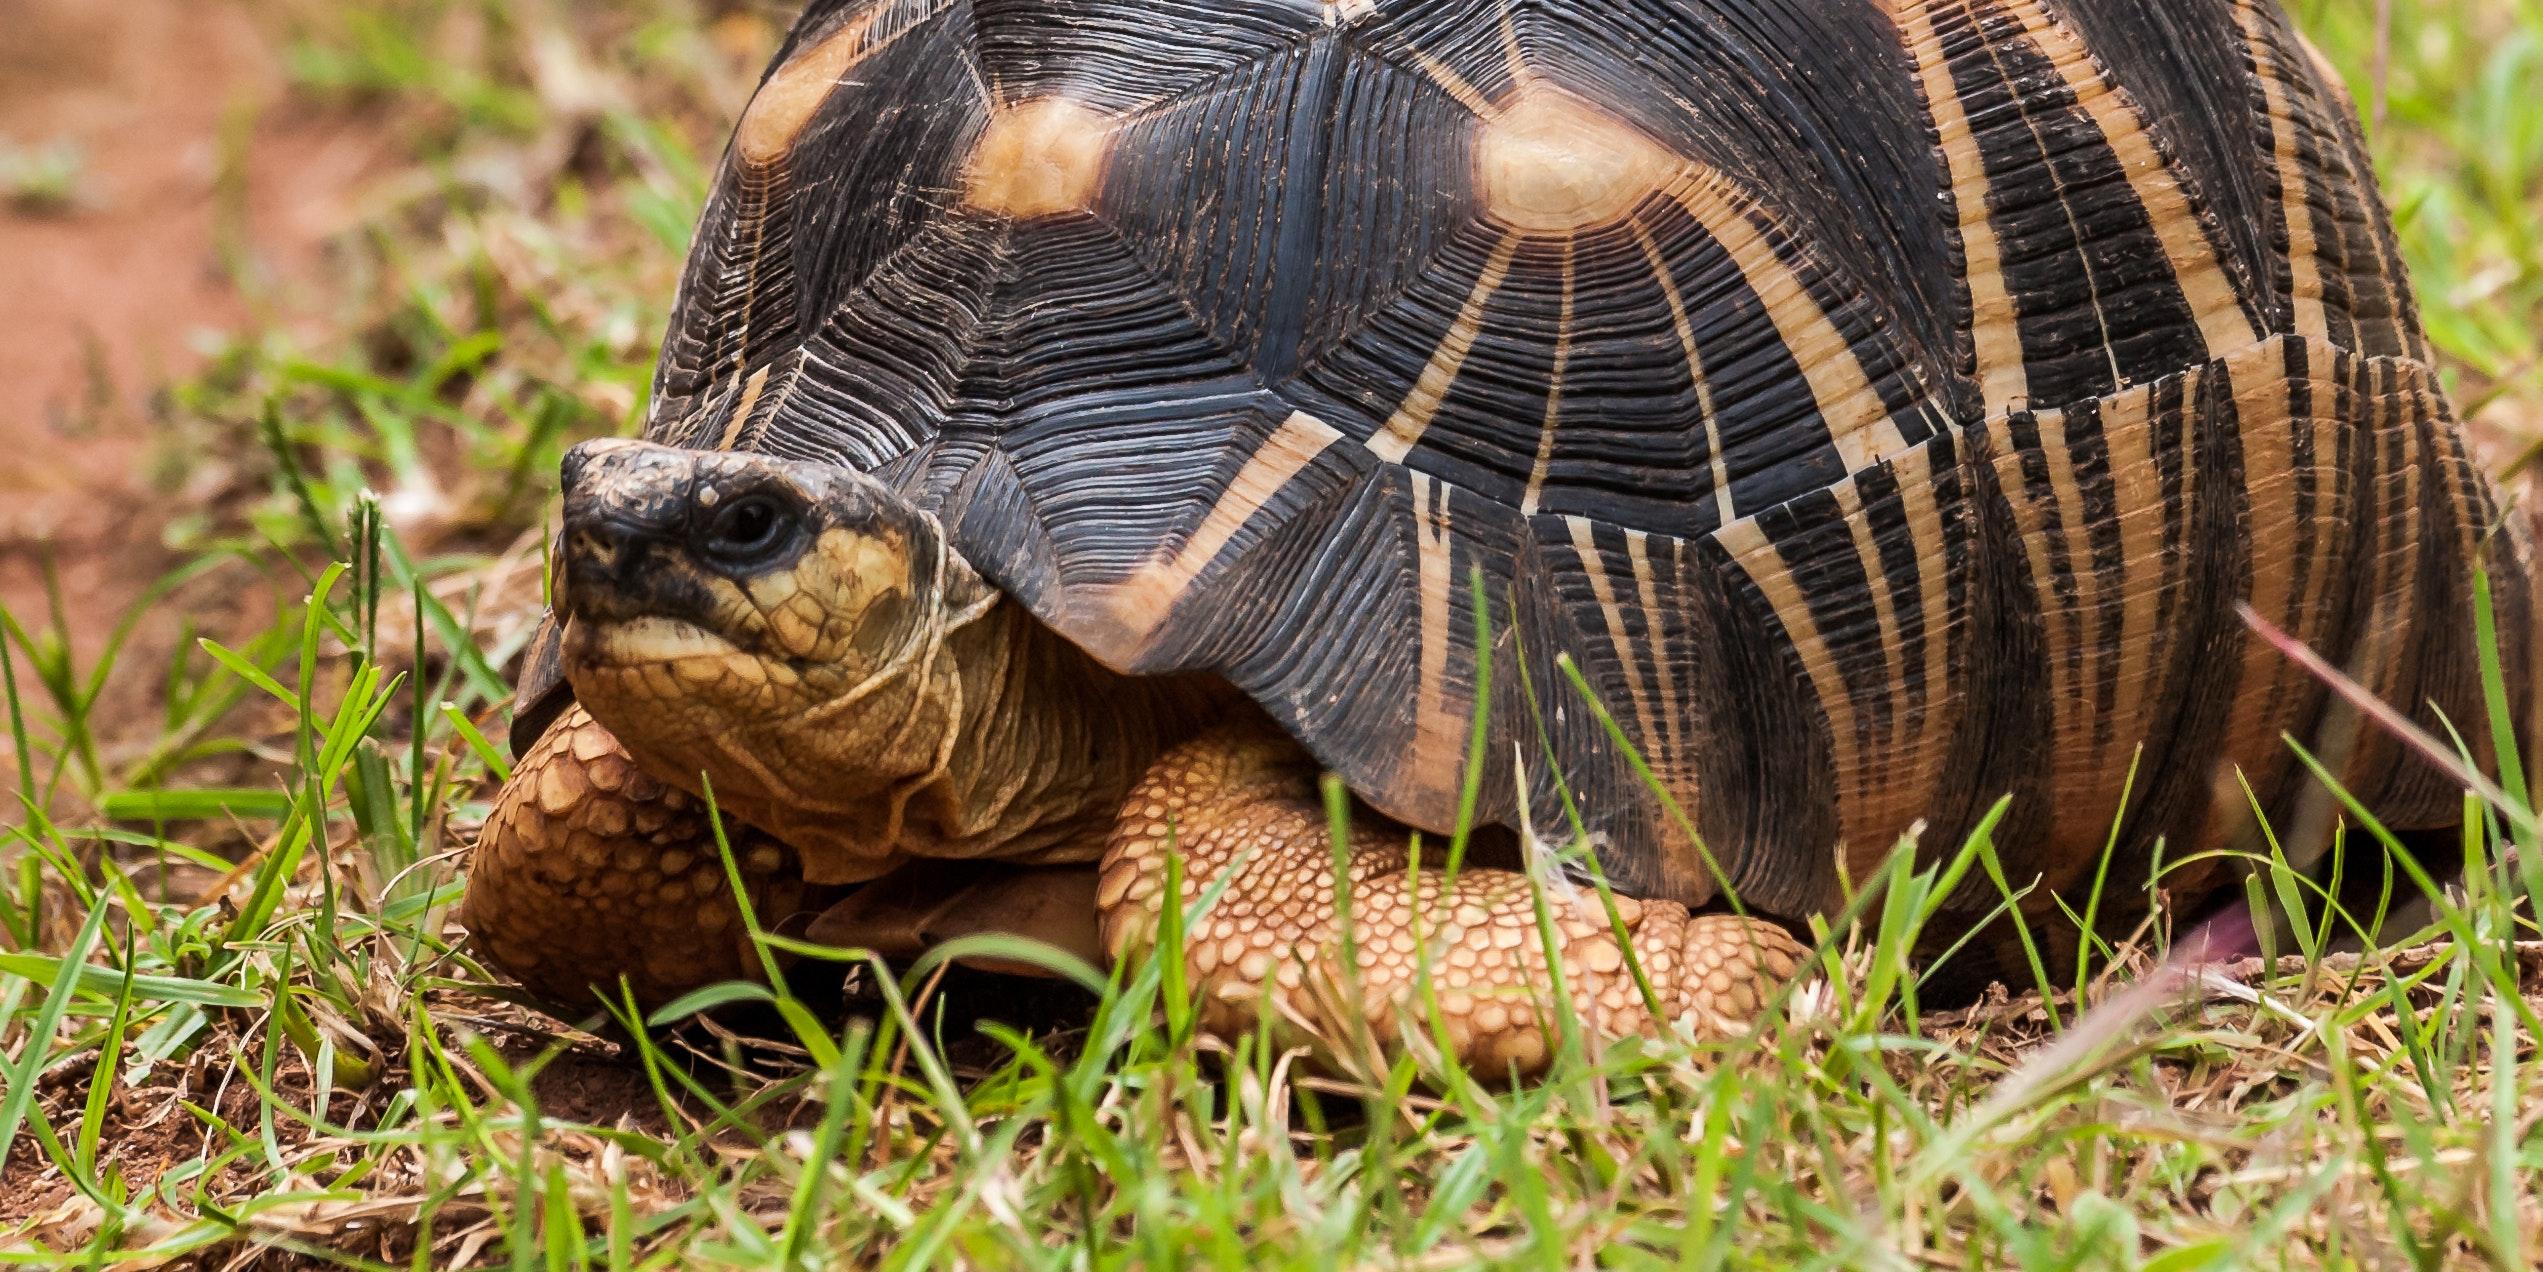 Über 180 Schildkröten-Arten stehen vor der Ausrottung